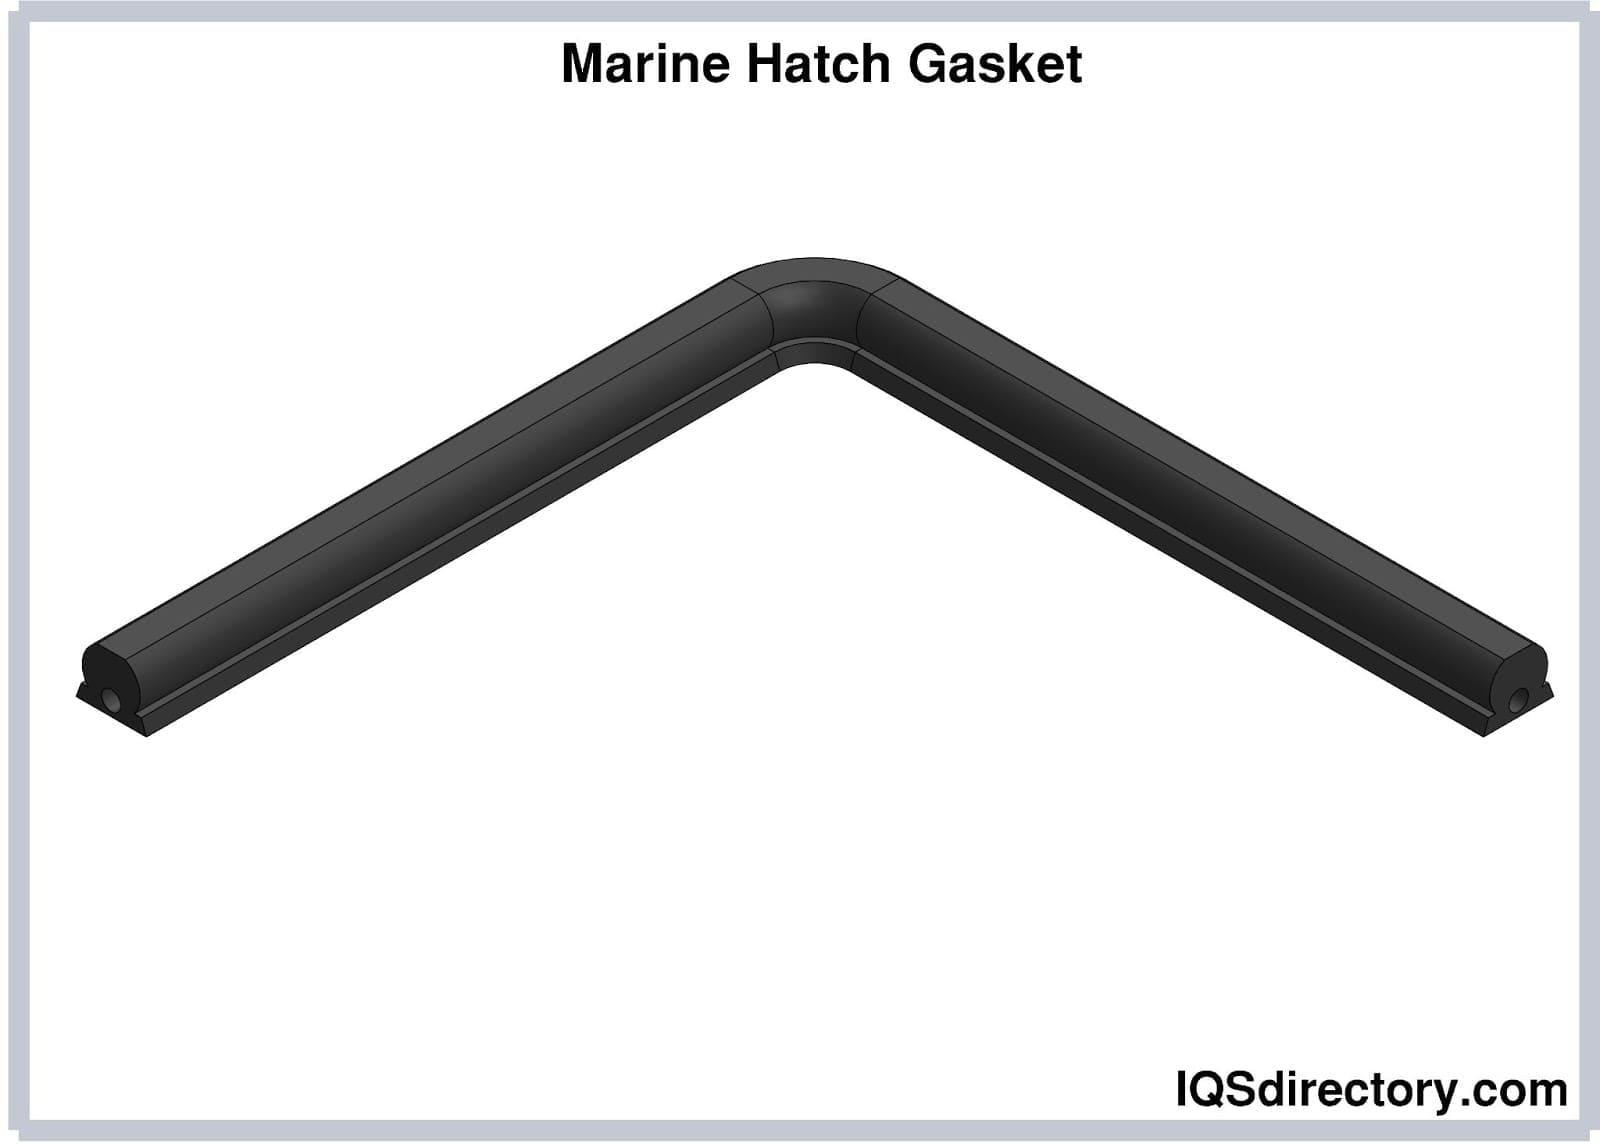 Marine Hatch Gasket